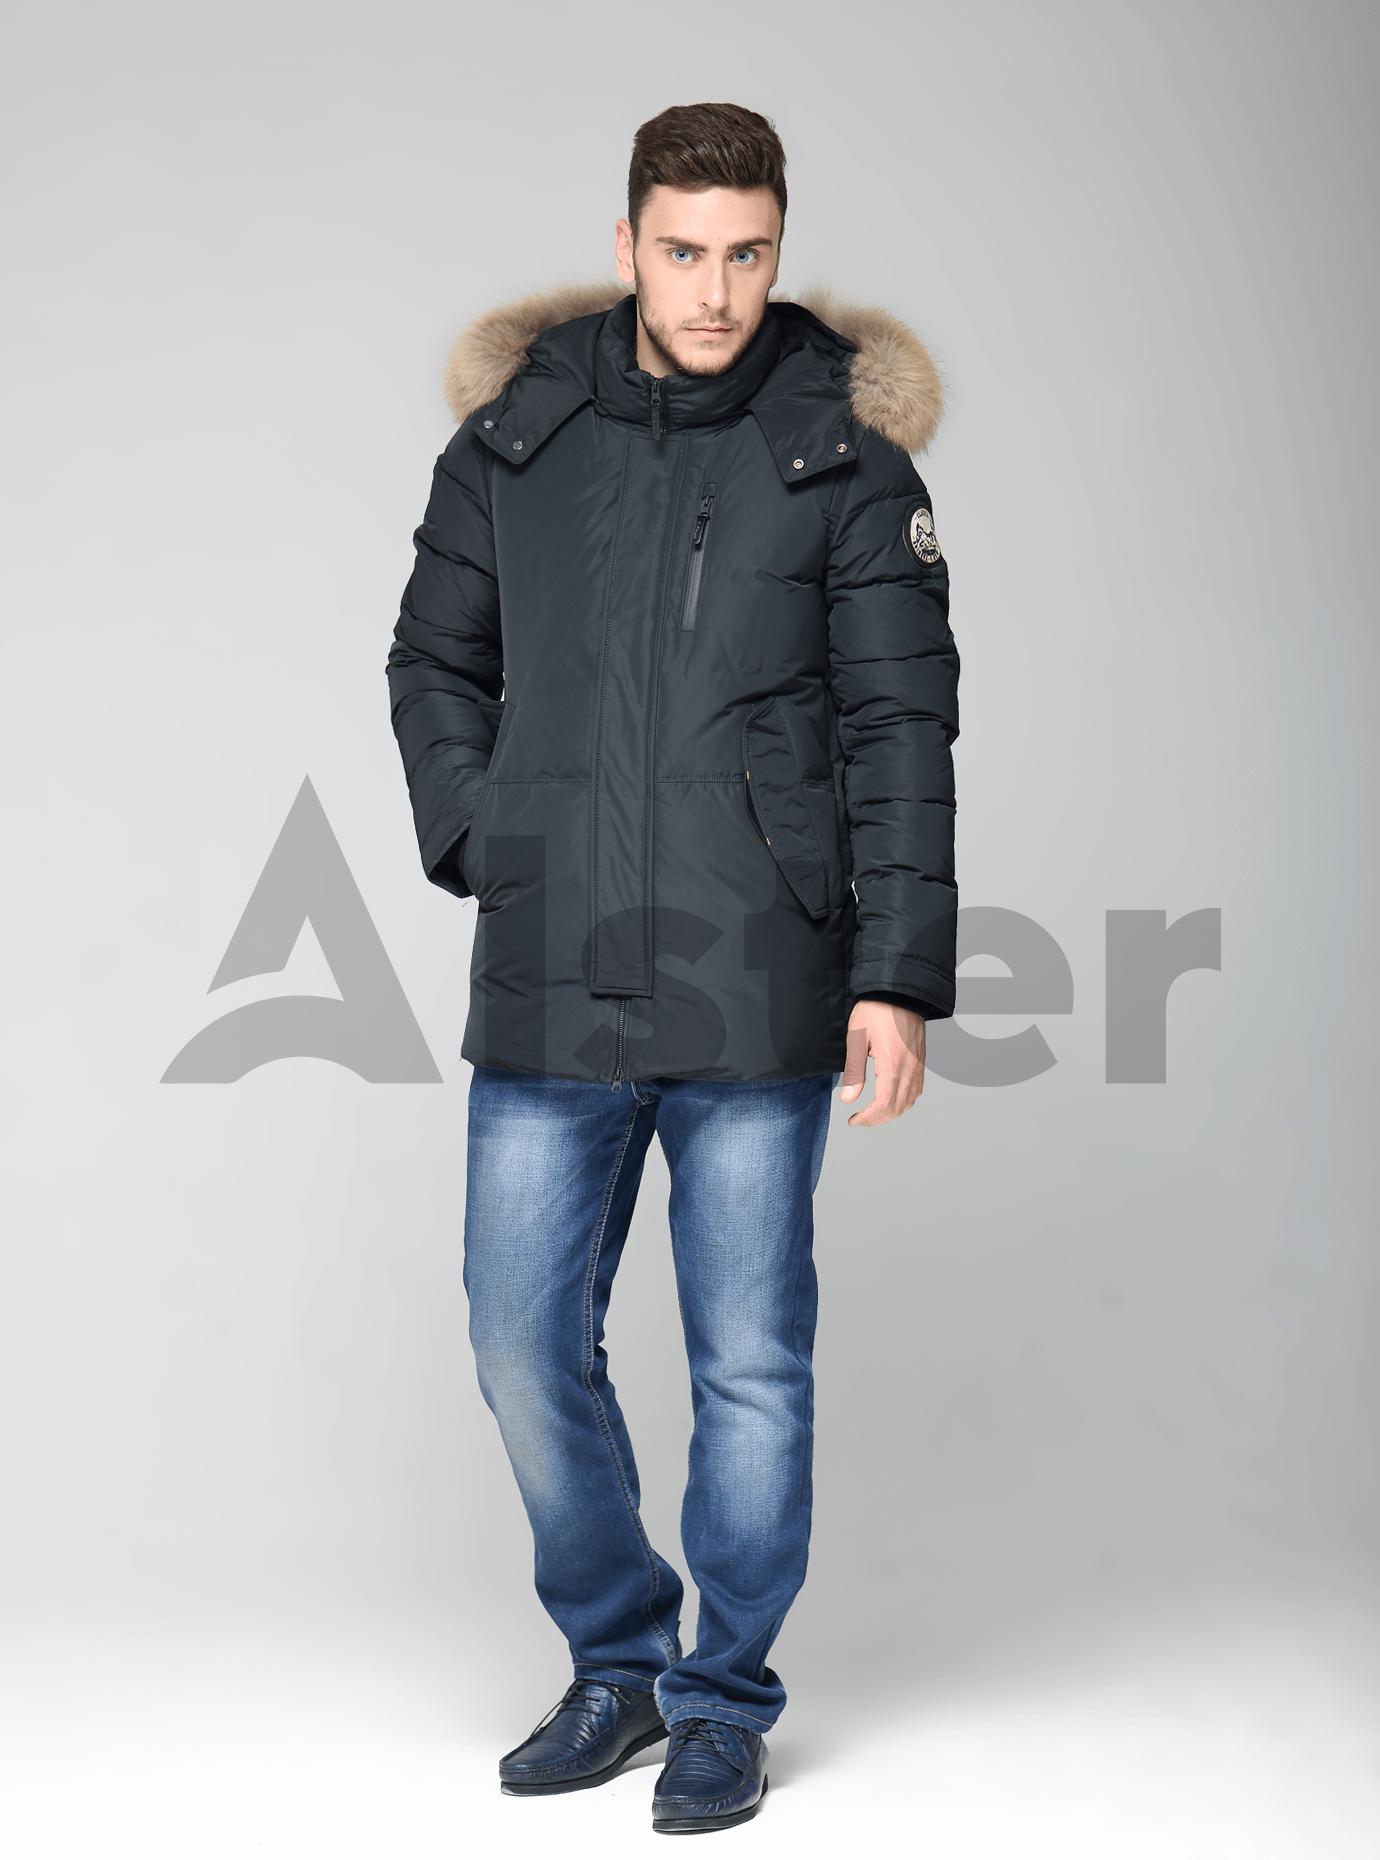 Зимняя мужская куртка Чёрный 46 (02-MC19219): фото - Alster.ua